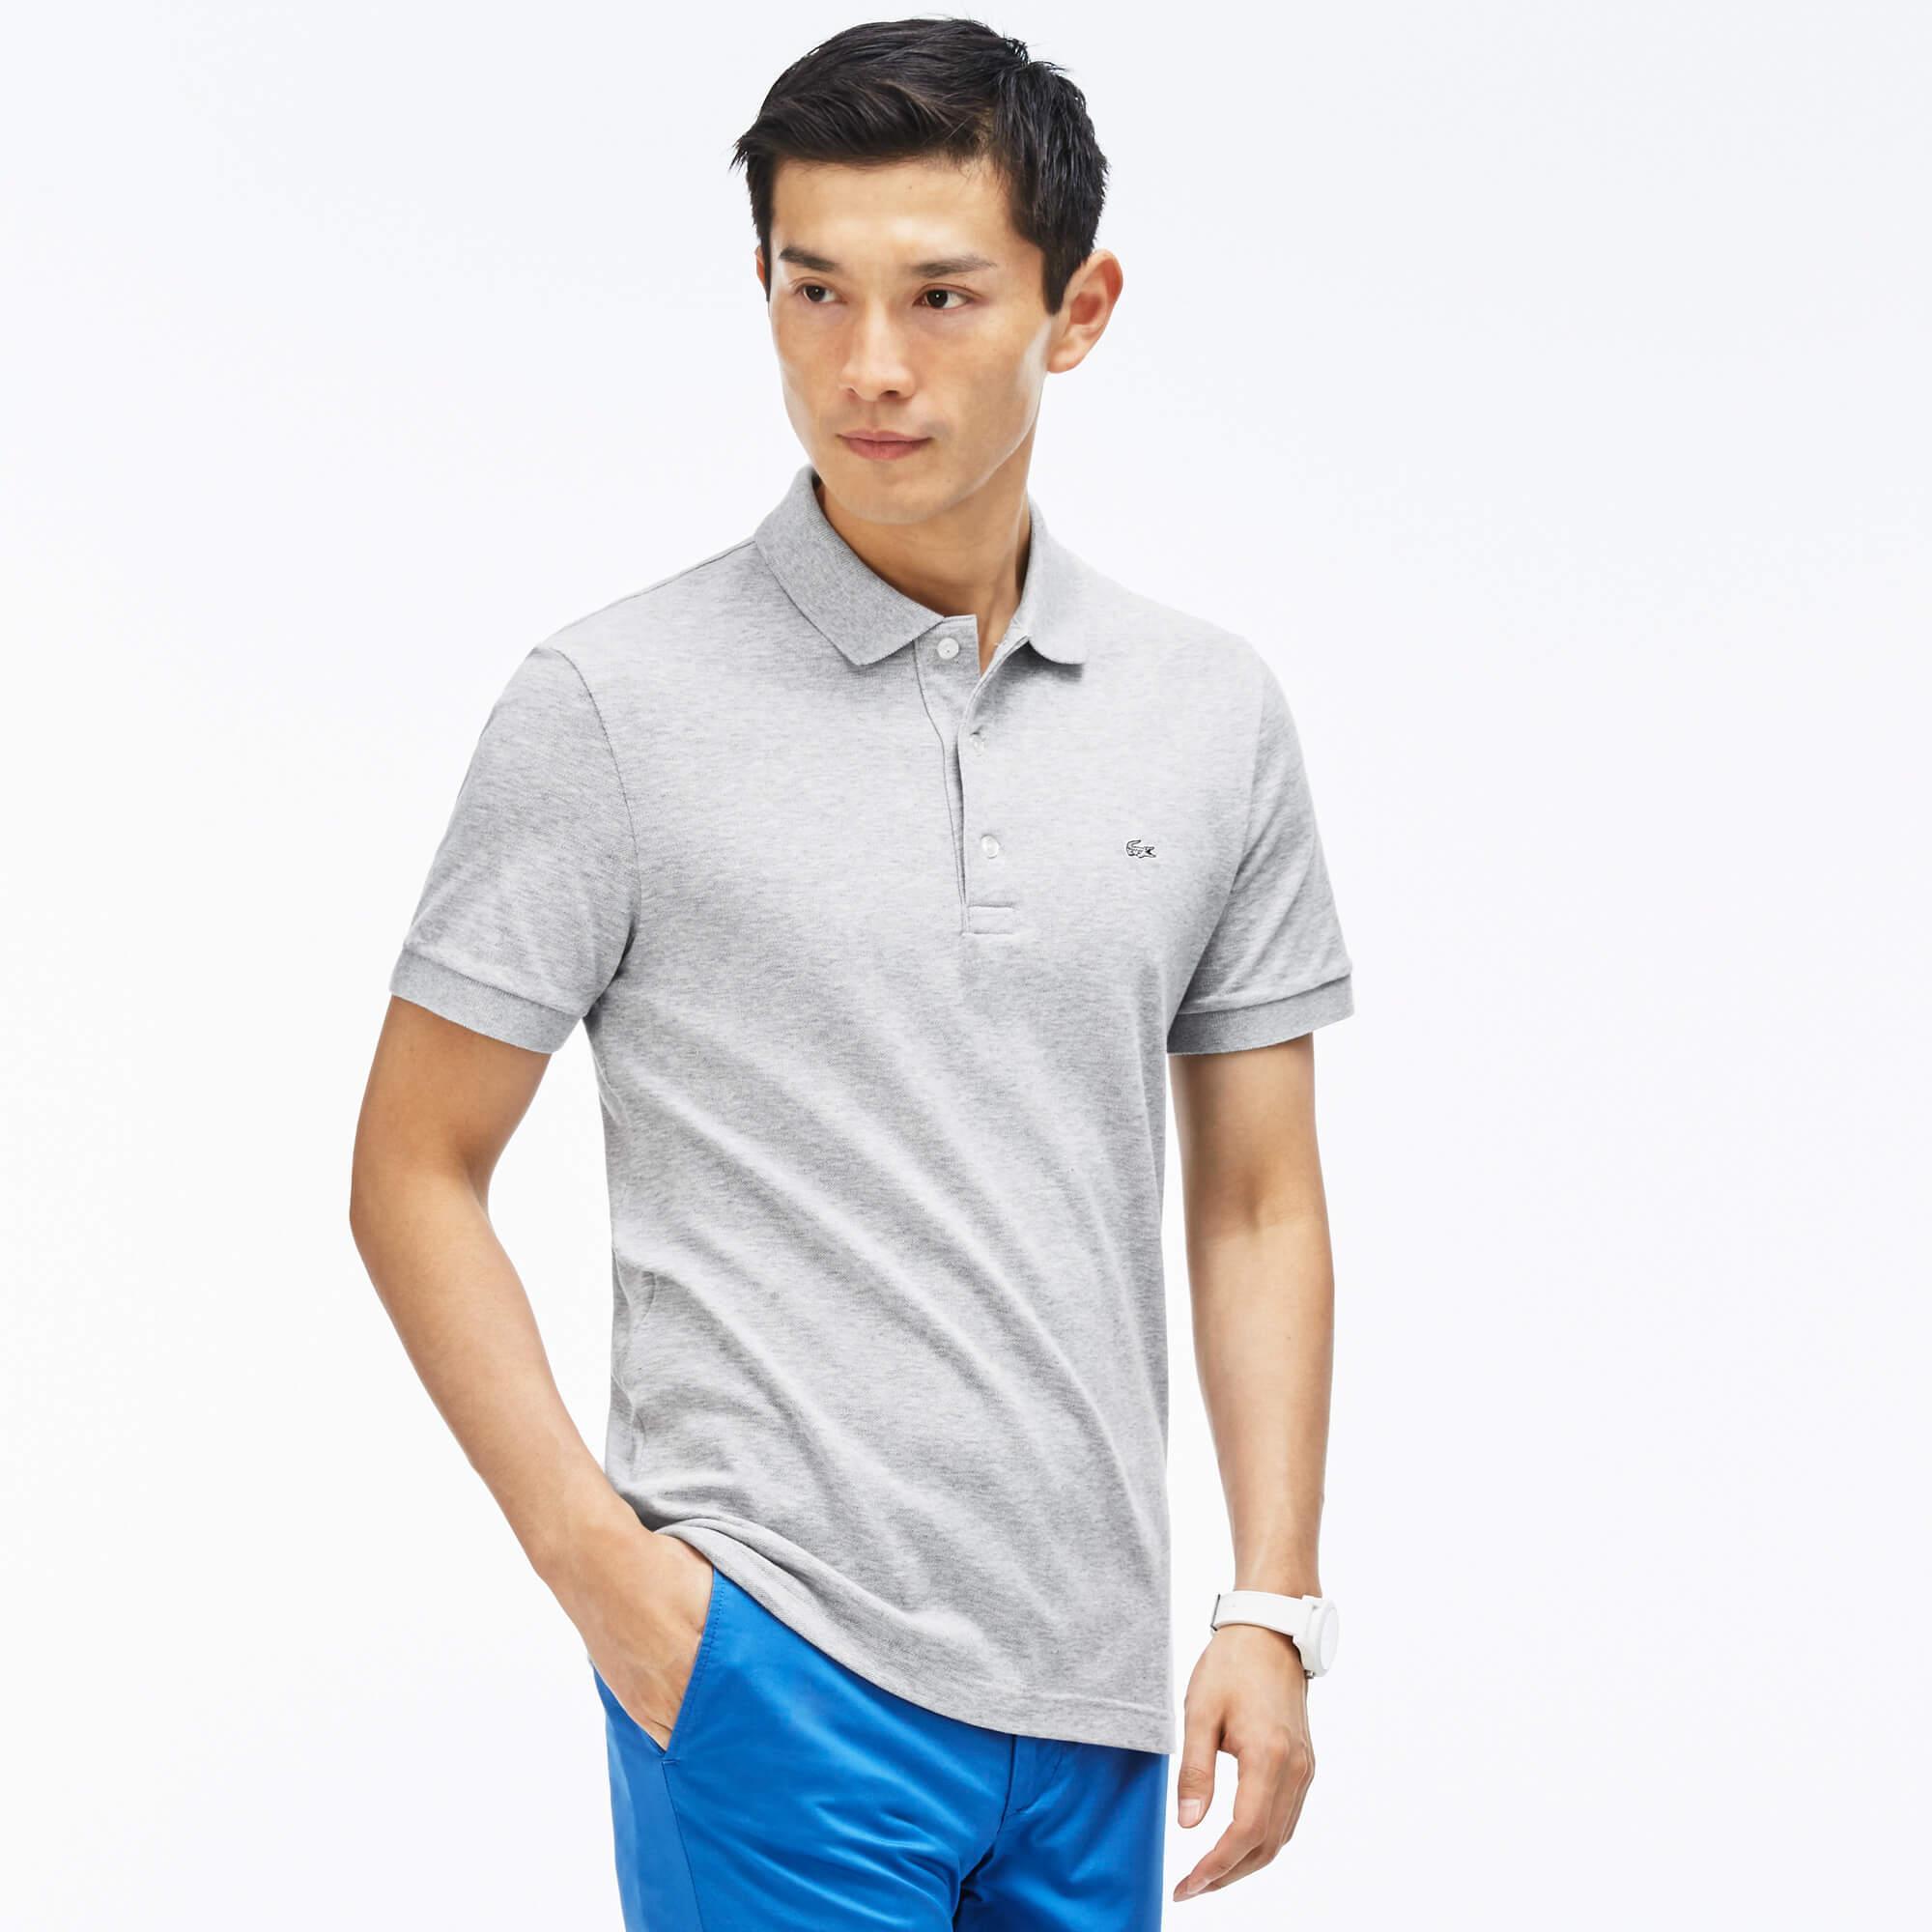 Lacoste Men's Slim Fit Lacoste Polo Shirt in Stretch Petit Piqué